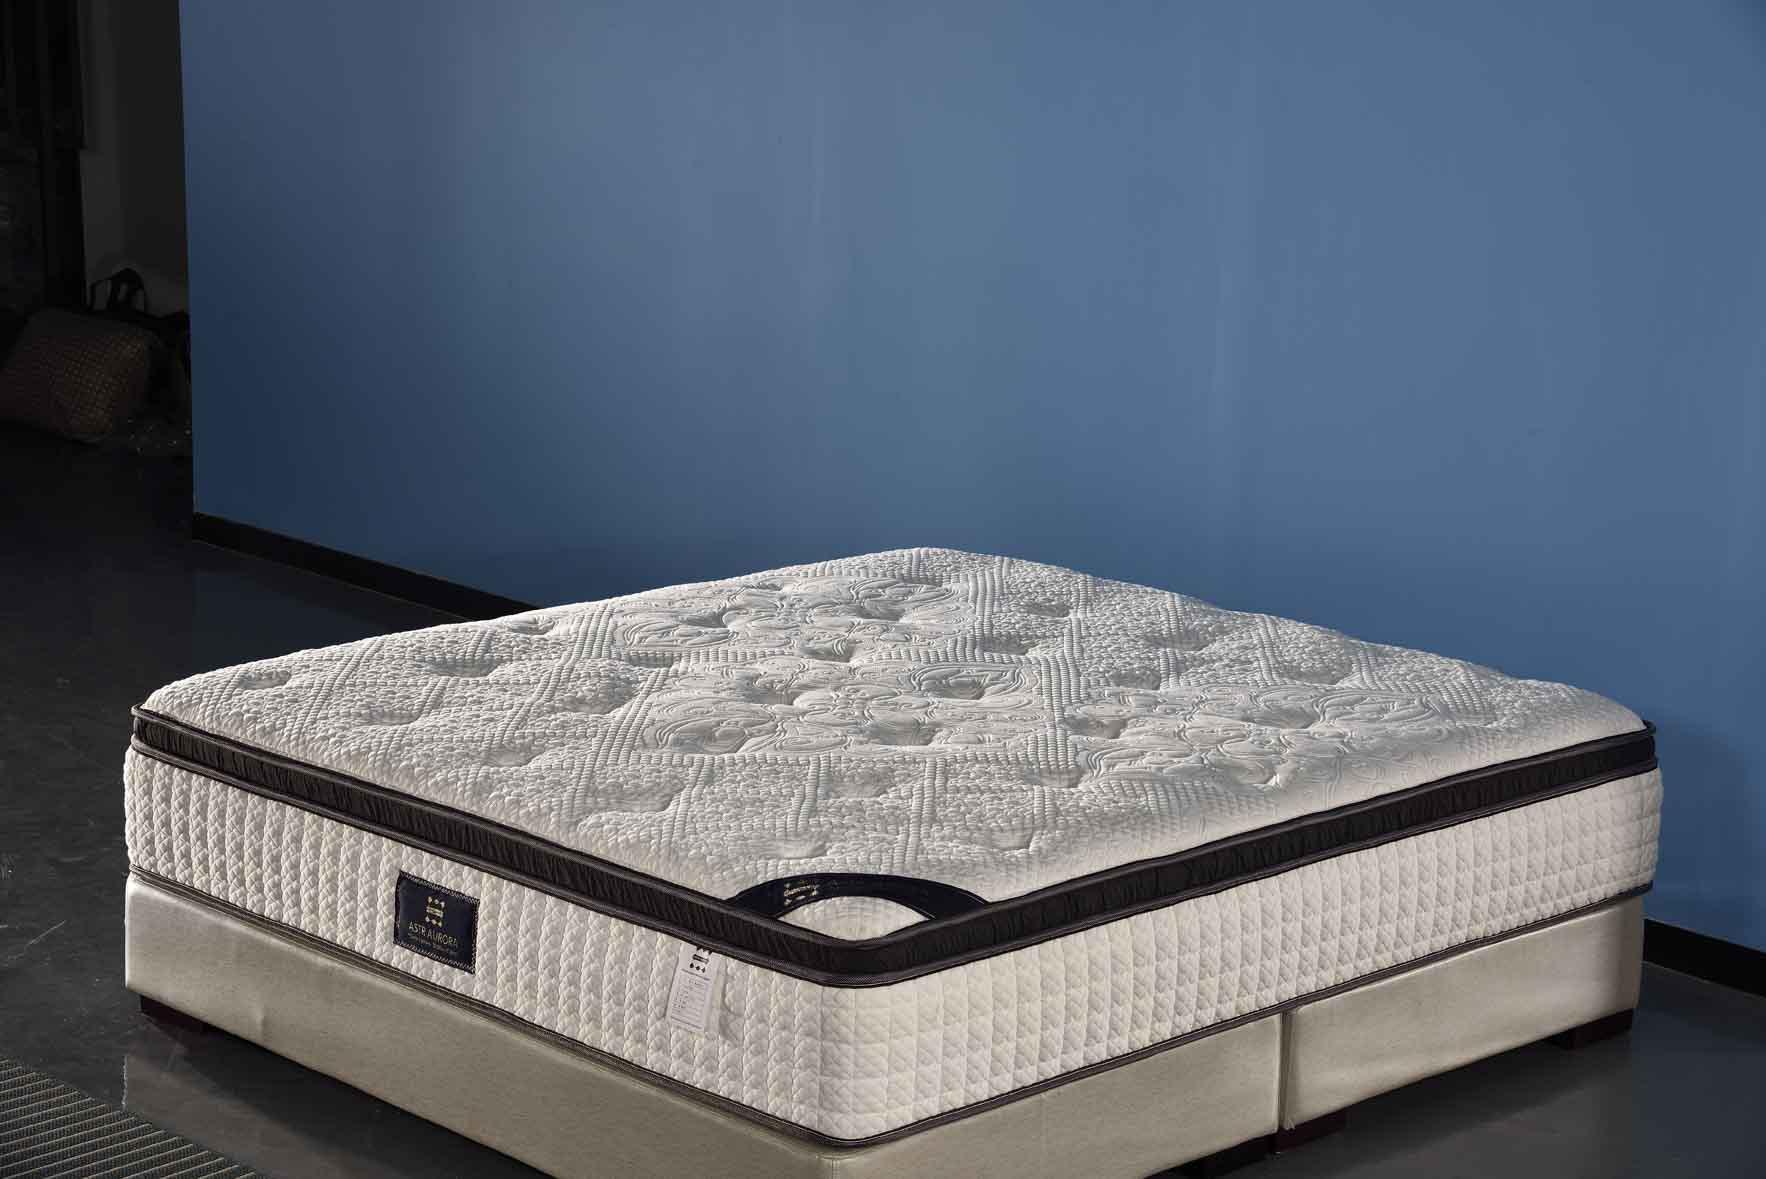 长沙网红独立袋弹簧床垫多少钱 欢迎咨询「苏州星夜家居科技供应」